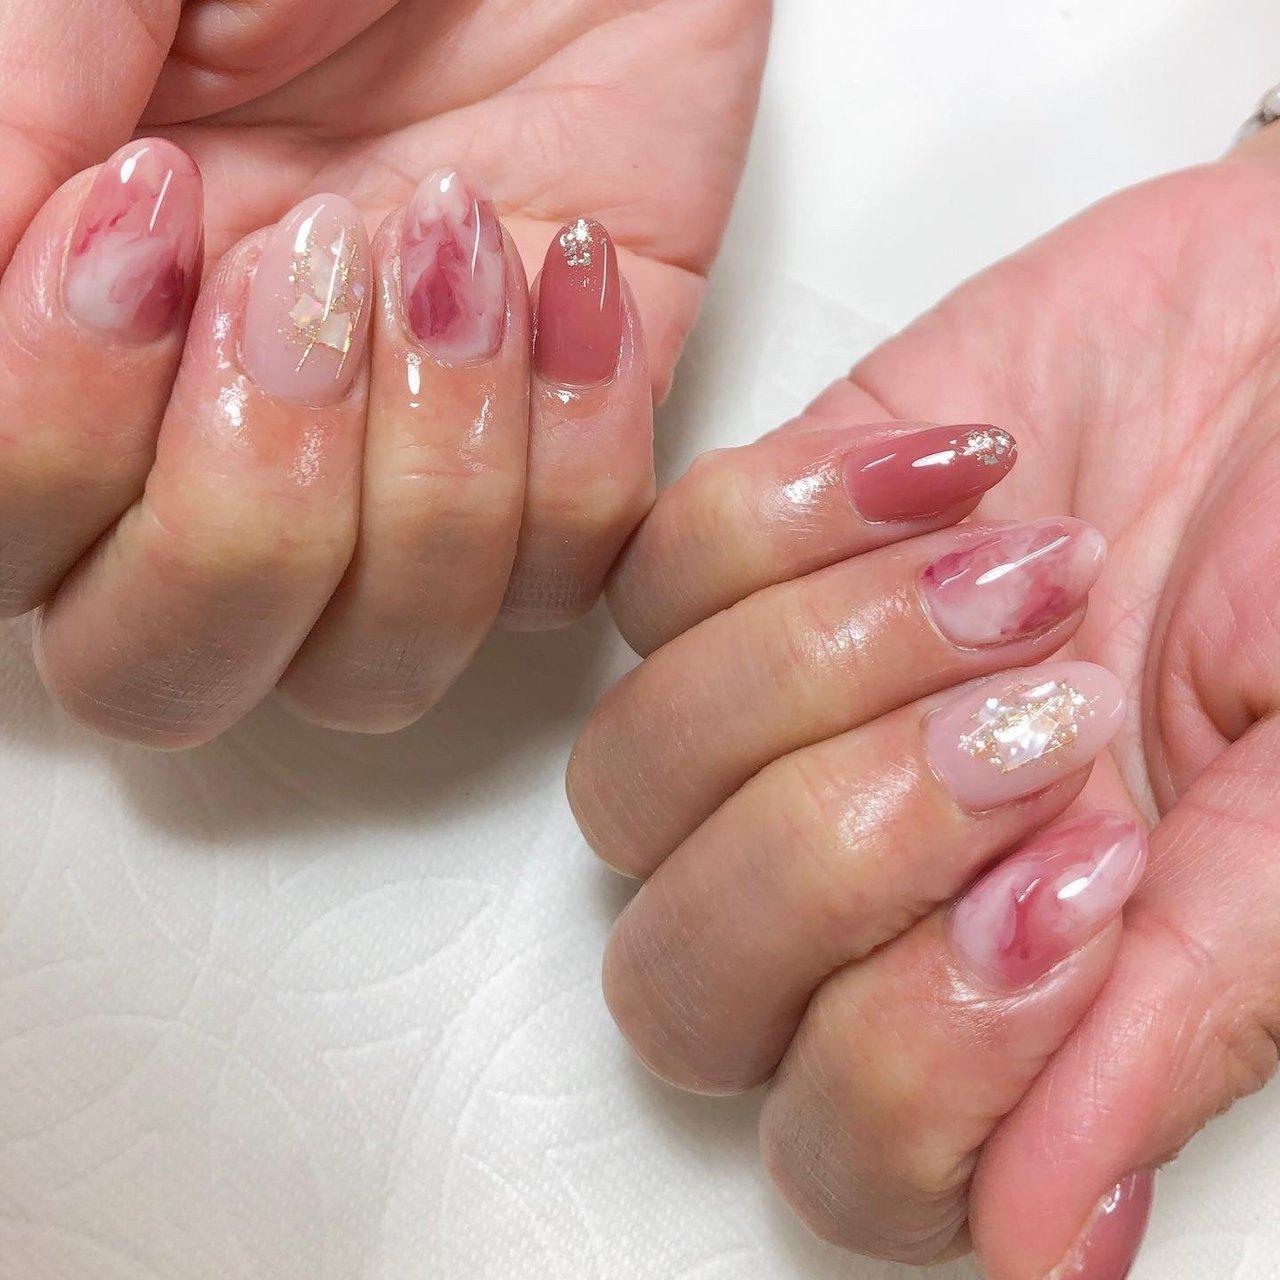 なんかアレやん?? オンナ💕ってかんじーー😆  #nails #nailart #大人ネイル #色っぽネイル #マーブルネイル #モヤモヤネイル #今日も無事着地w #武庫元町 #武庫元町ネイル #spacezero💅 #シンプル #ピンク #Naoko Kurosawa #ネイルブック